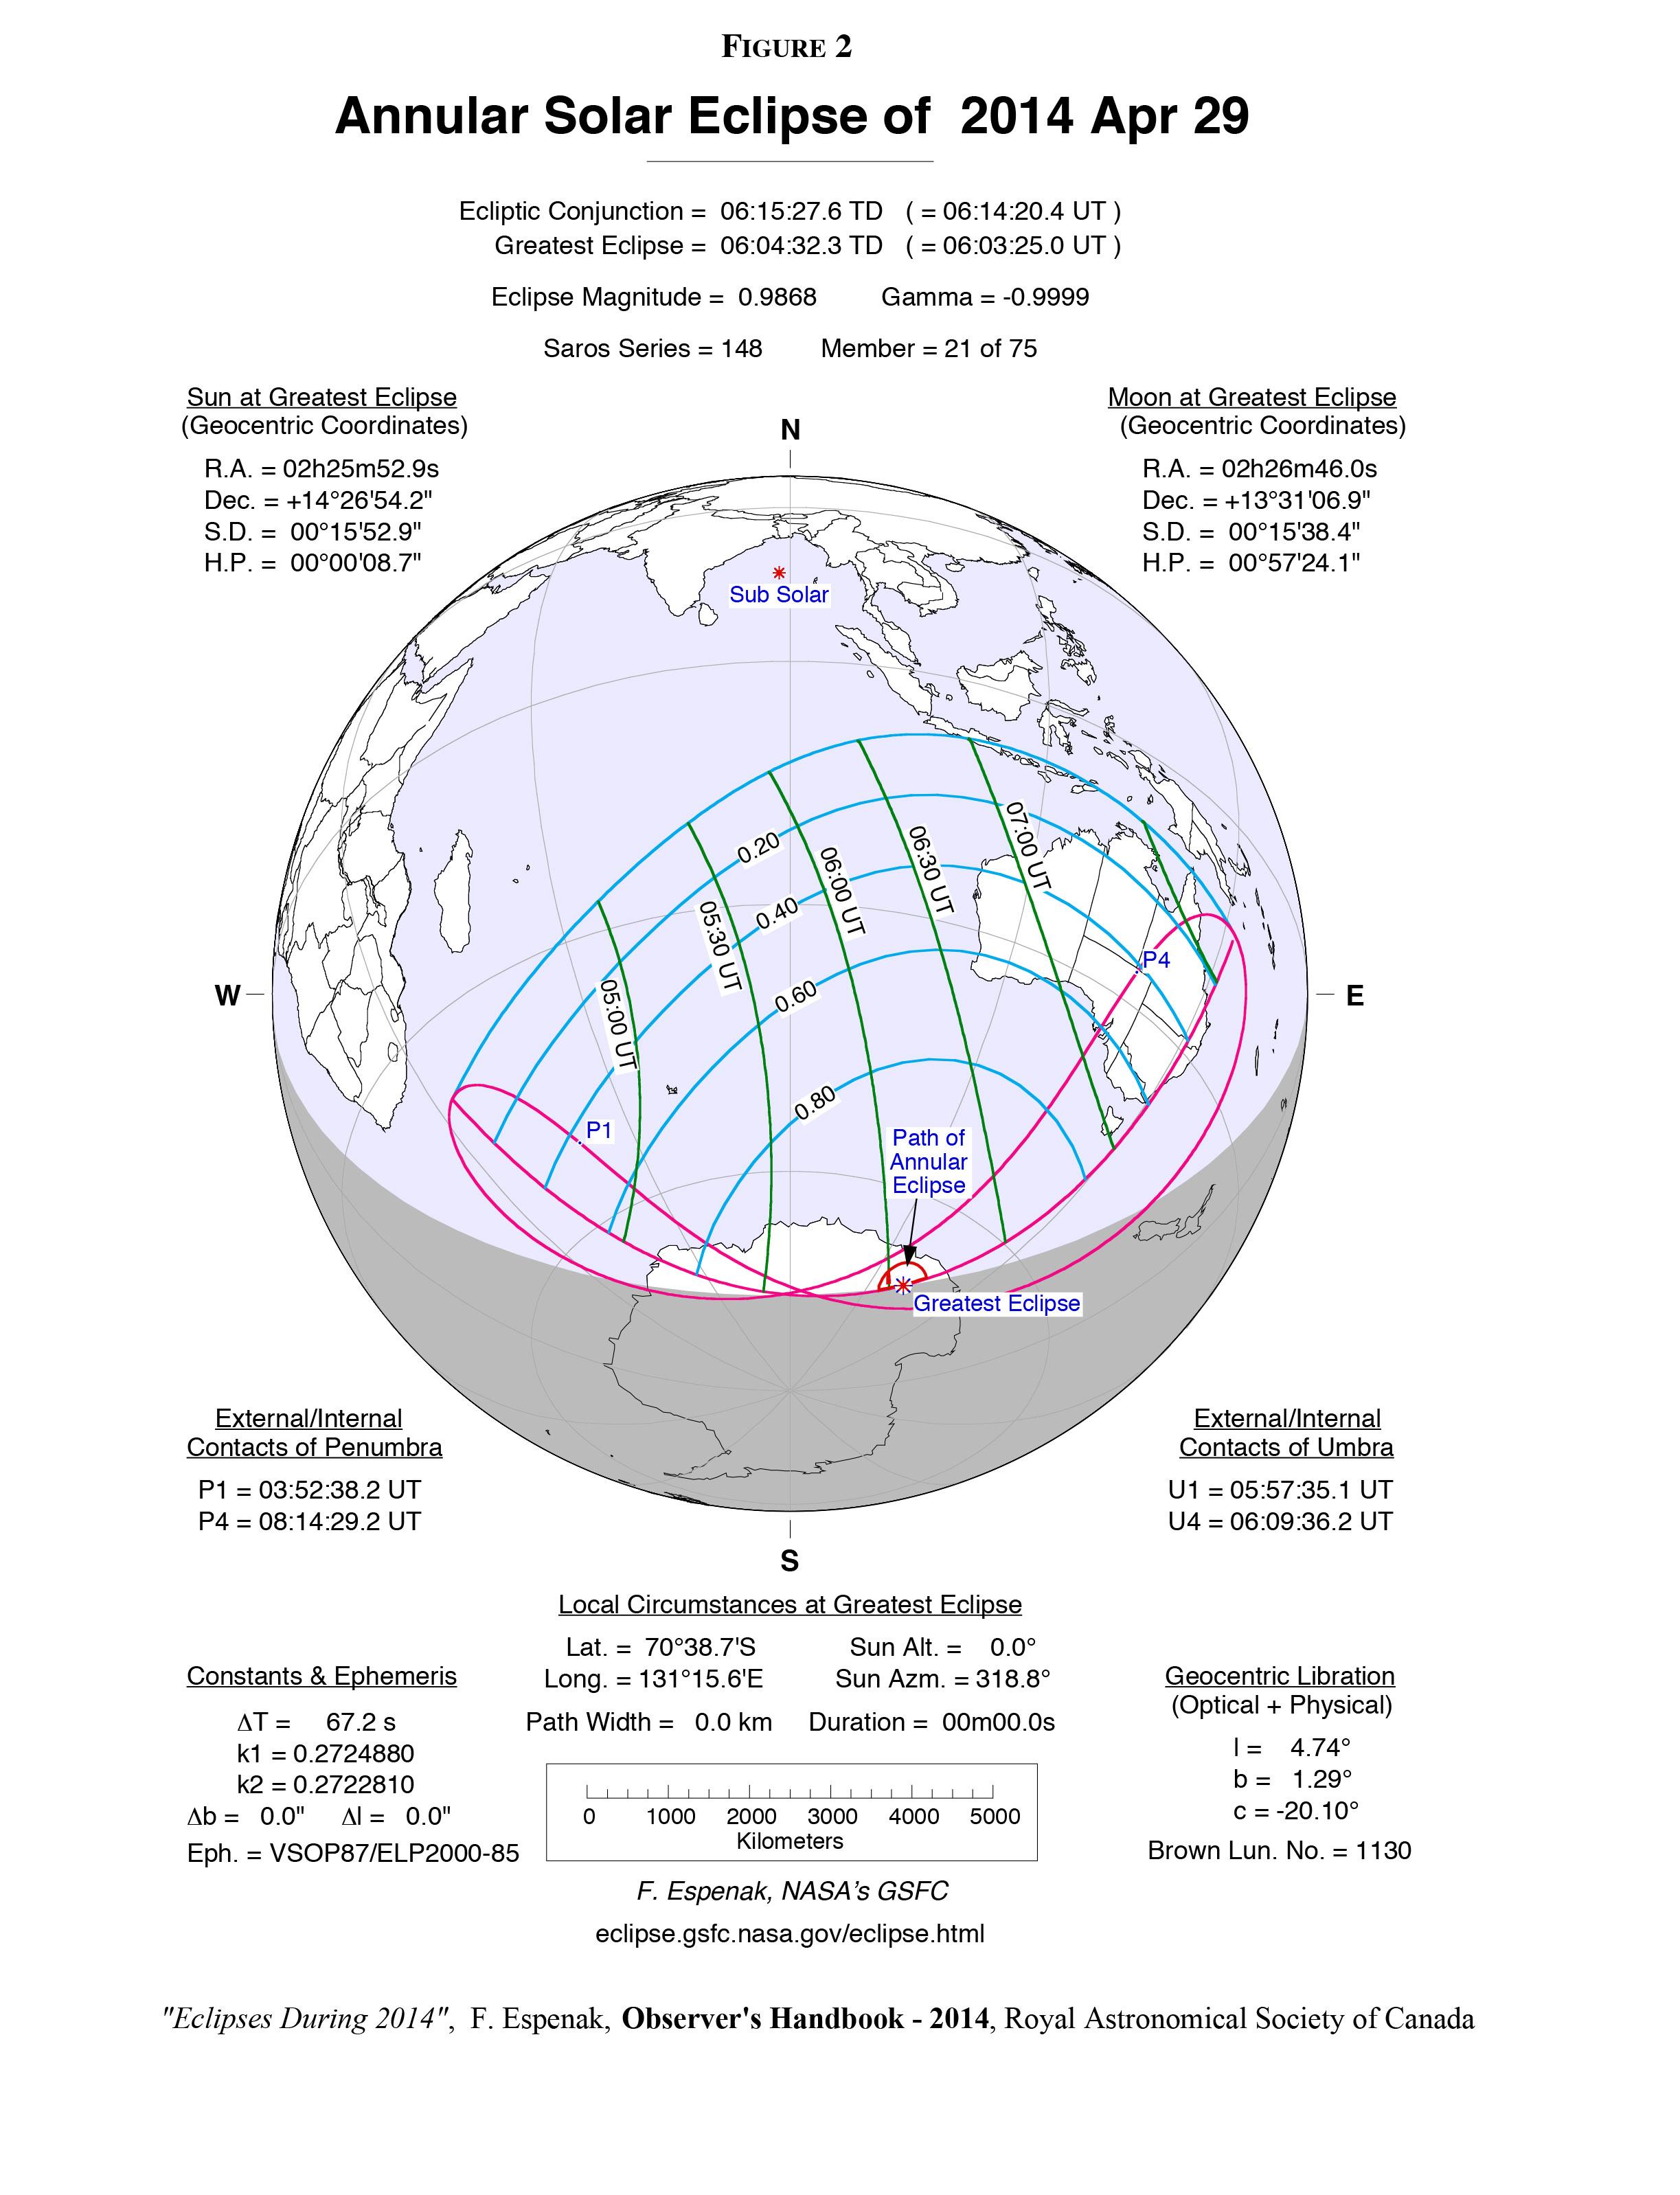 Questo grafico NASA mostra il percorso dell'eclissi solare anulare sulla superficie terrestre. Crediti: NASA, Fred Espenak.